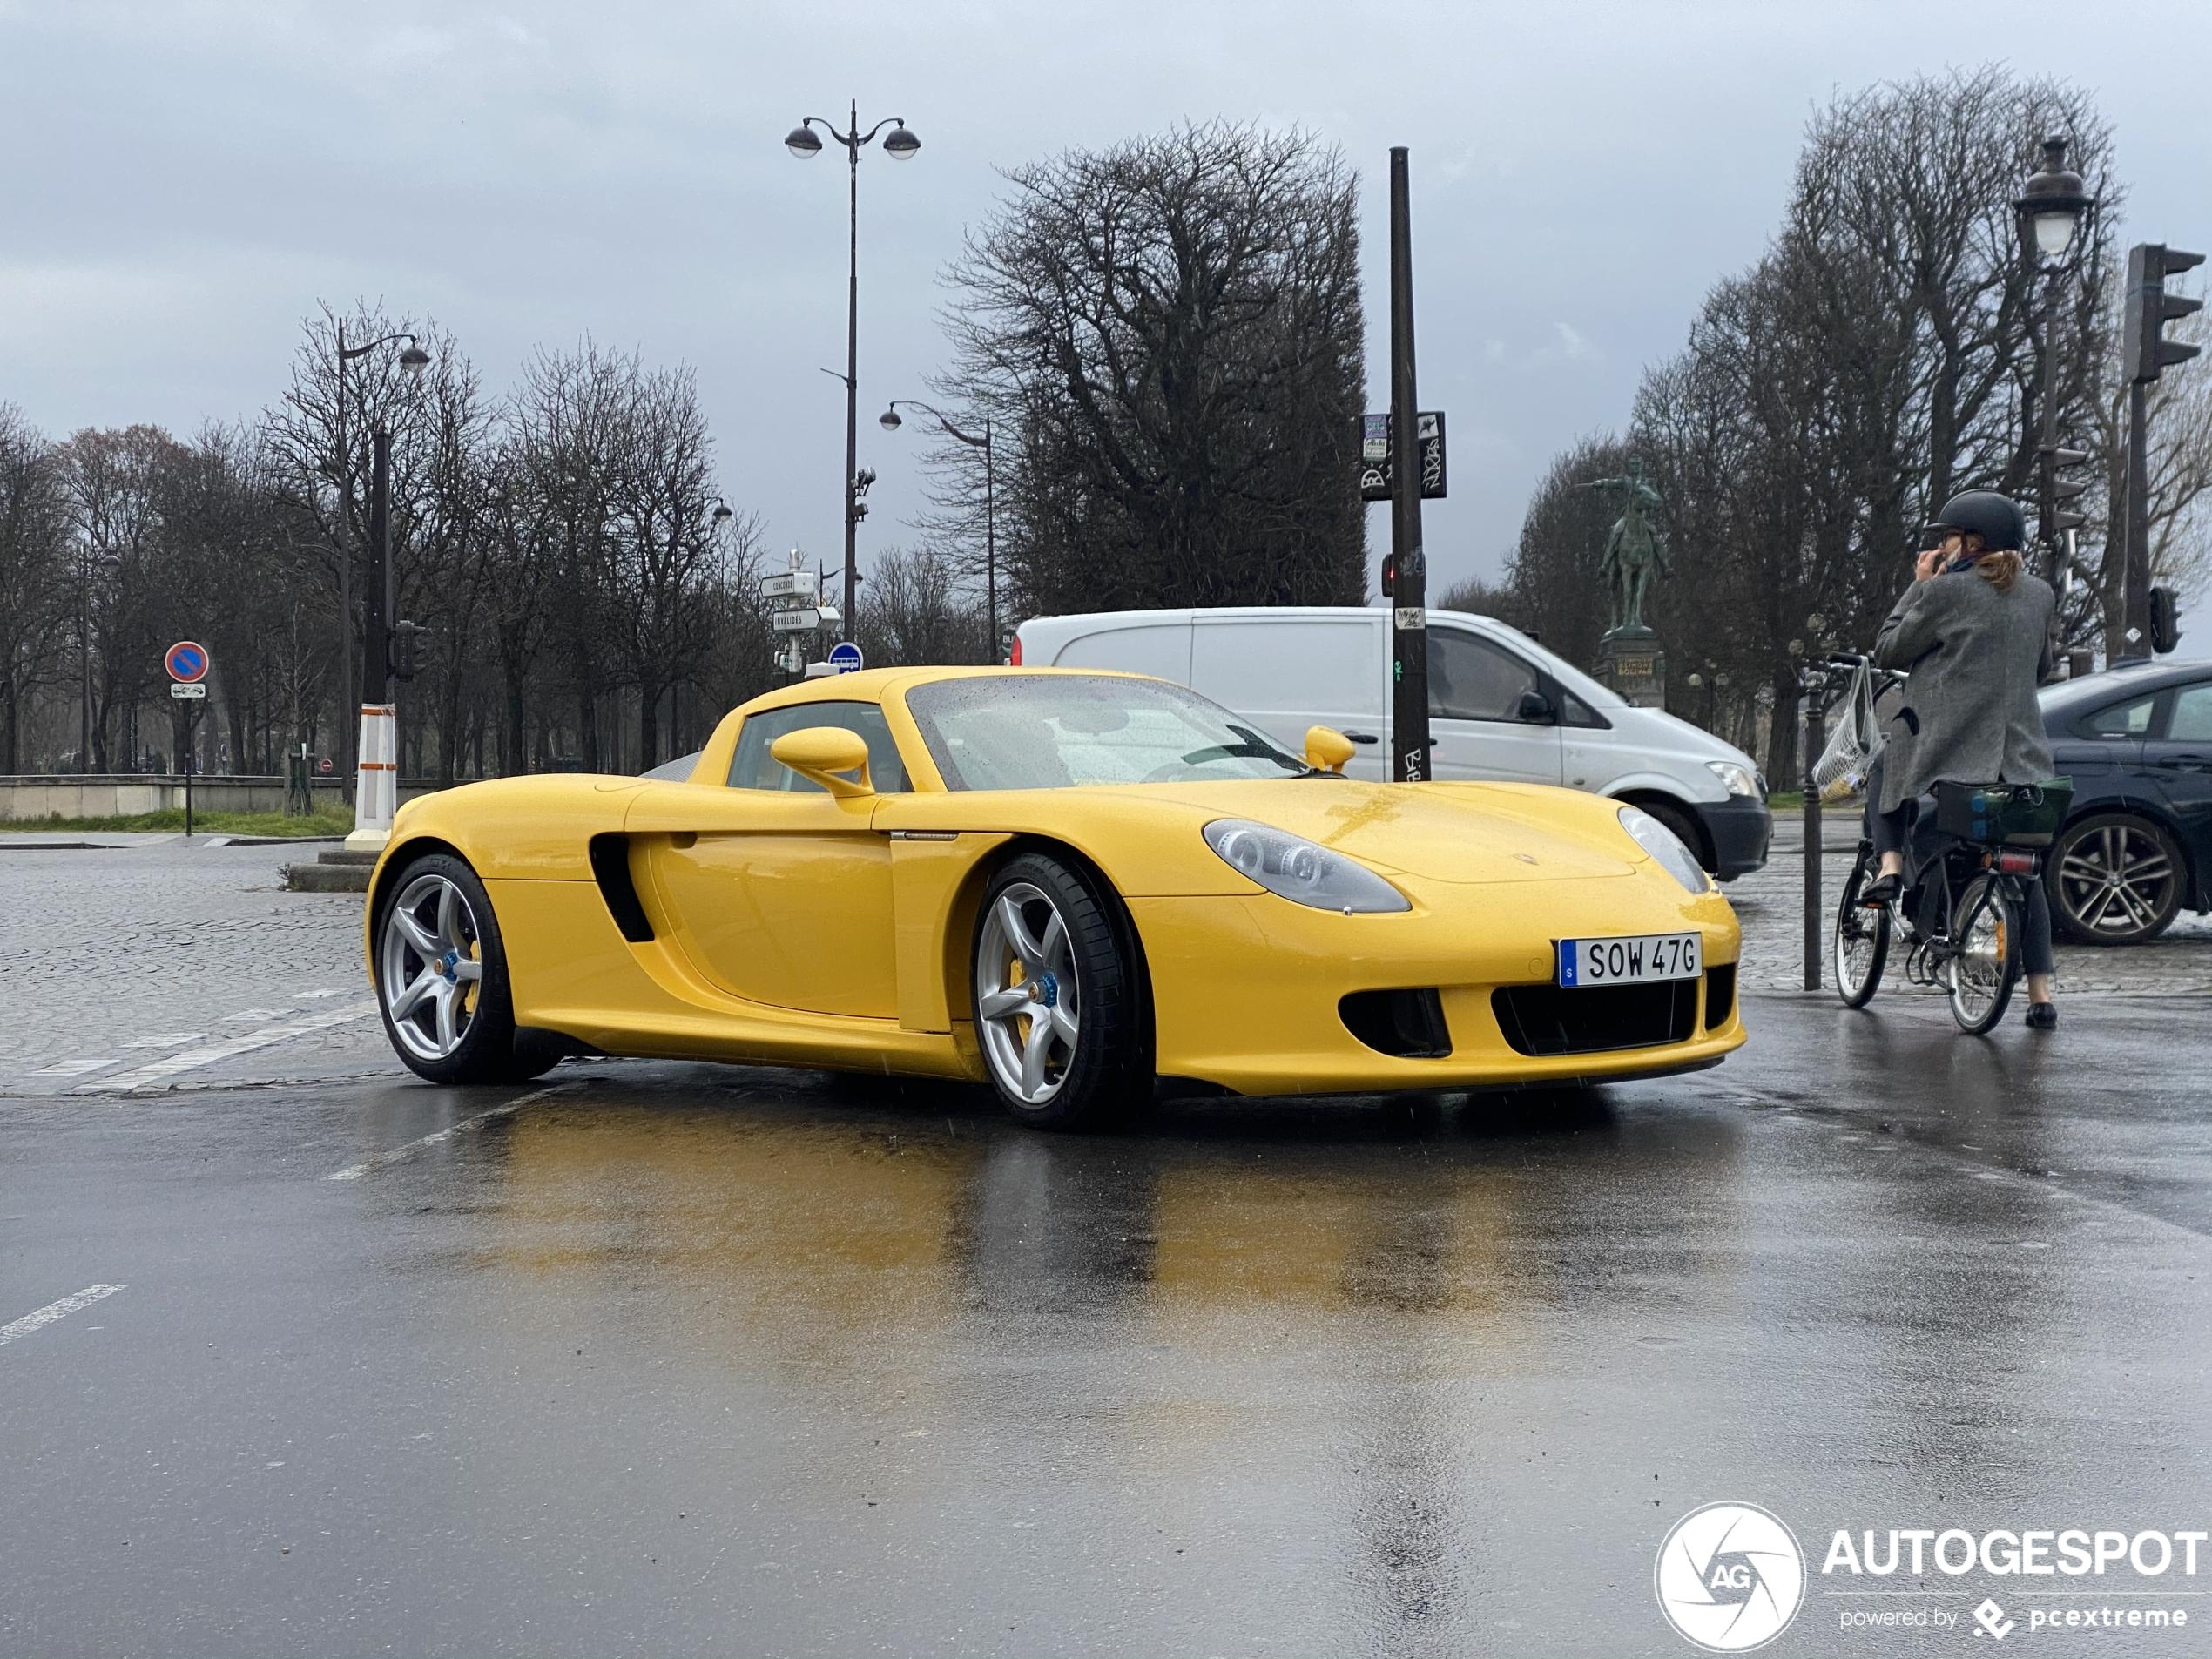 Verwacht je dit in een regenachtig Parijs?